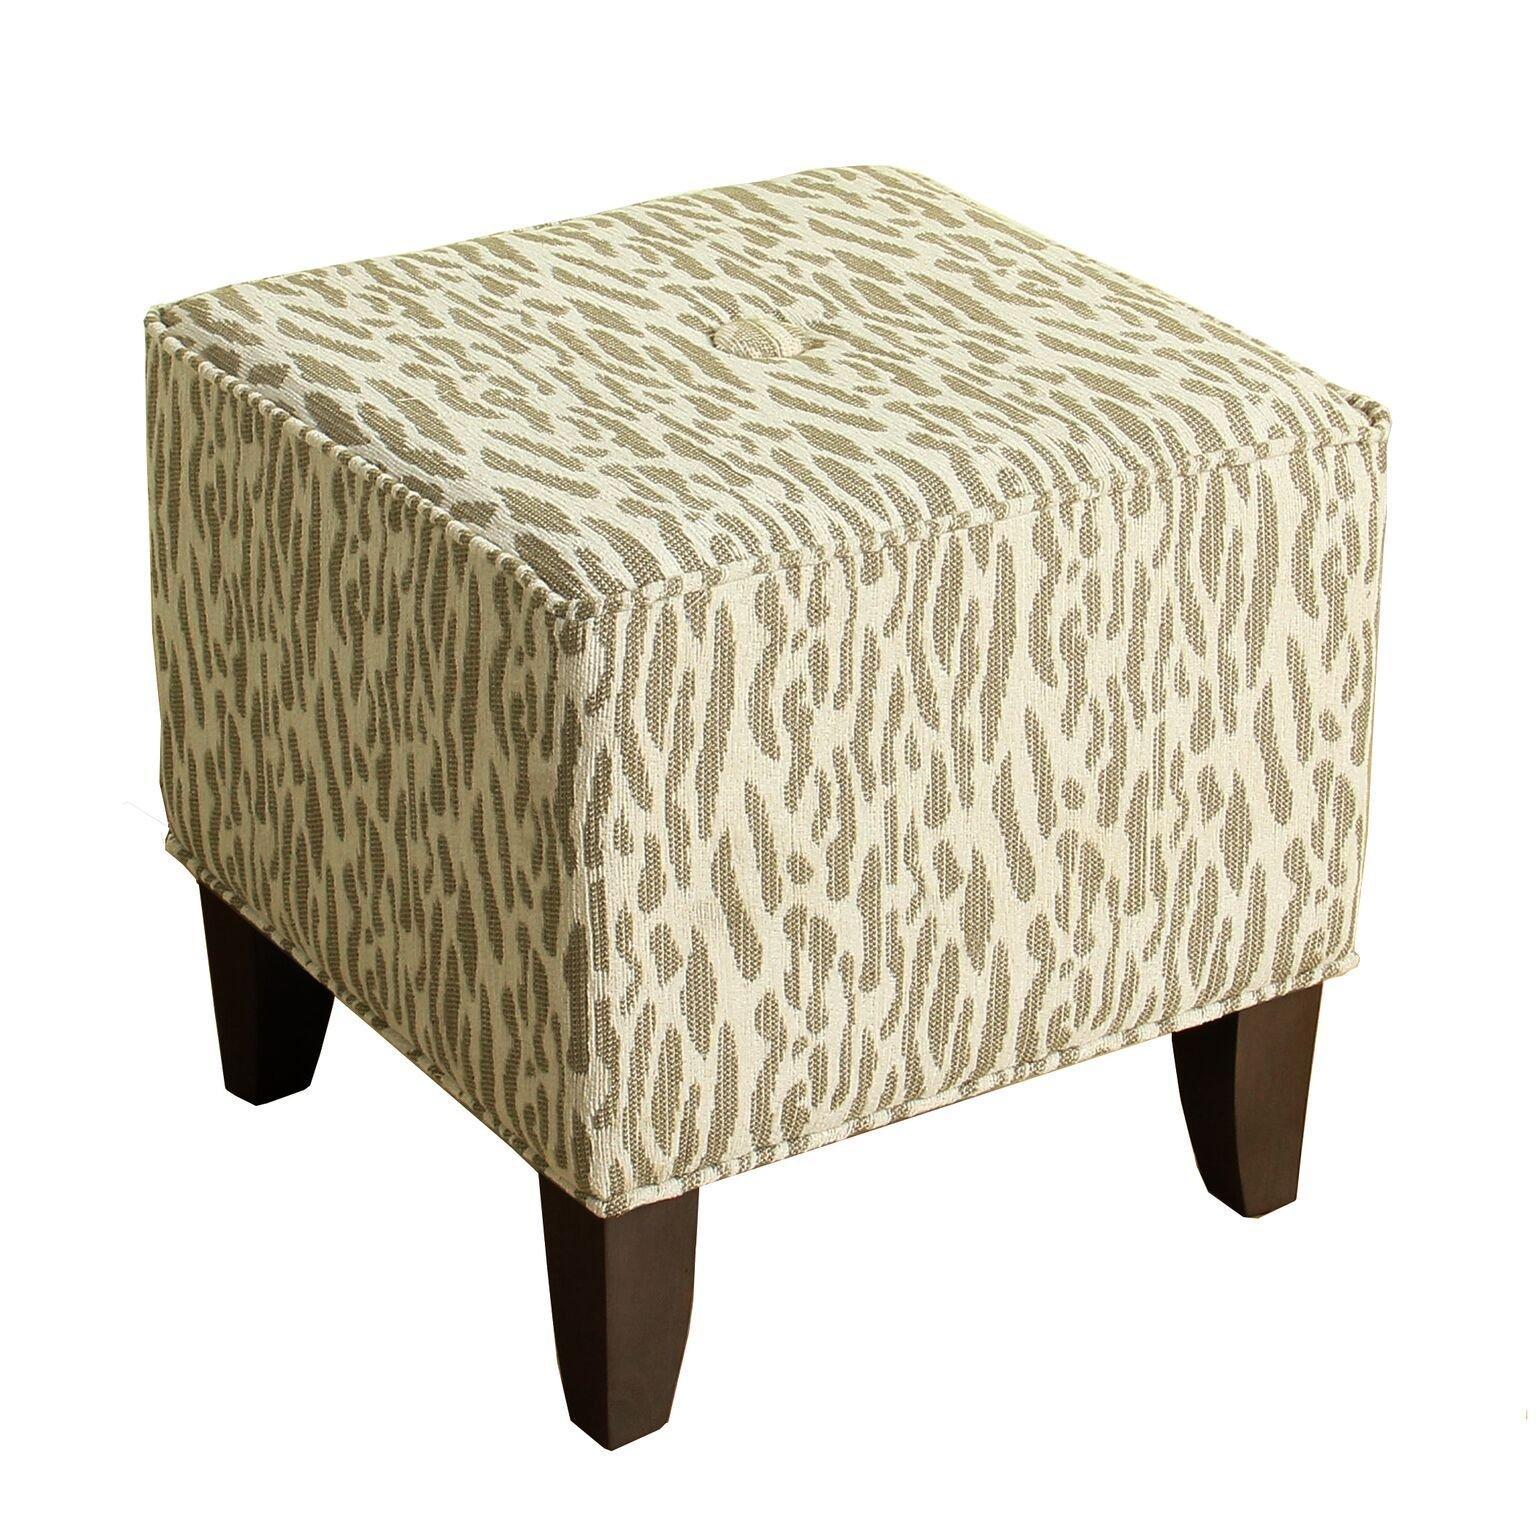 HomePop Upholstered Cube Ottoman, Animal Print Chenille